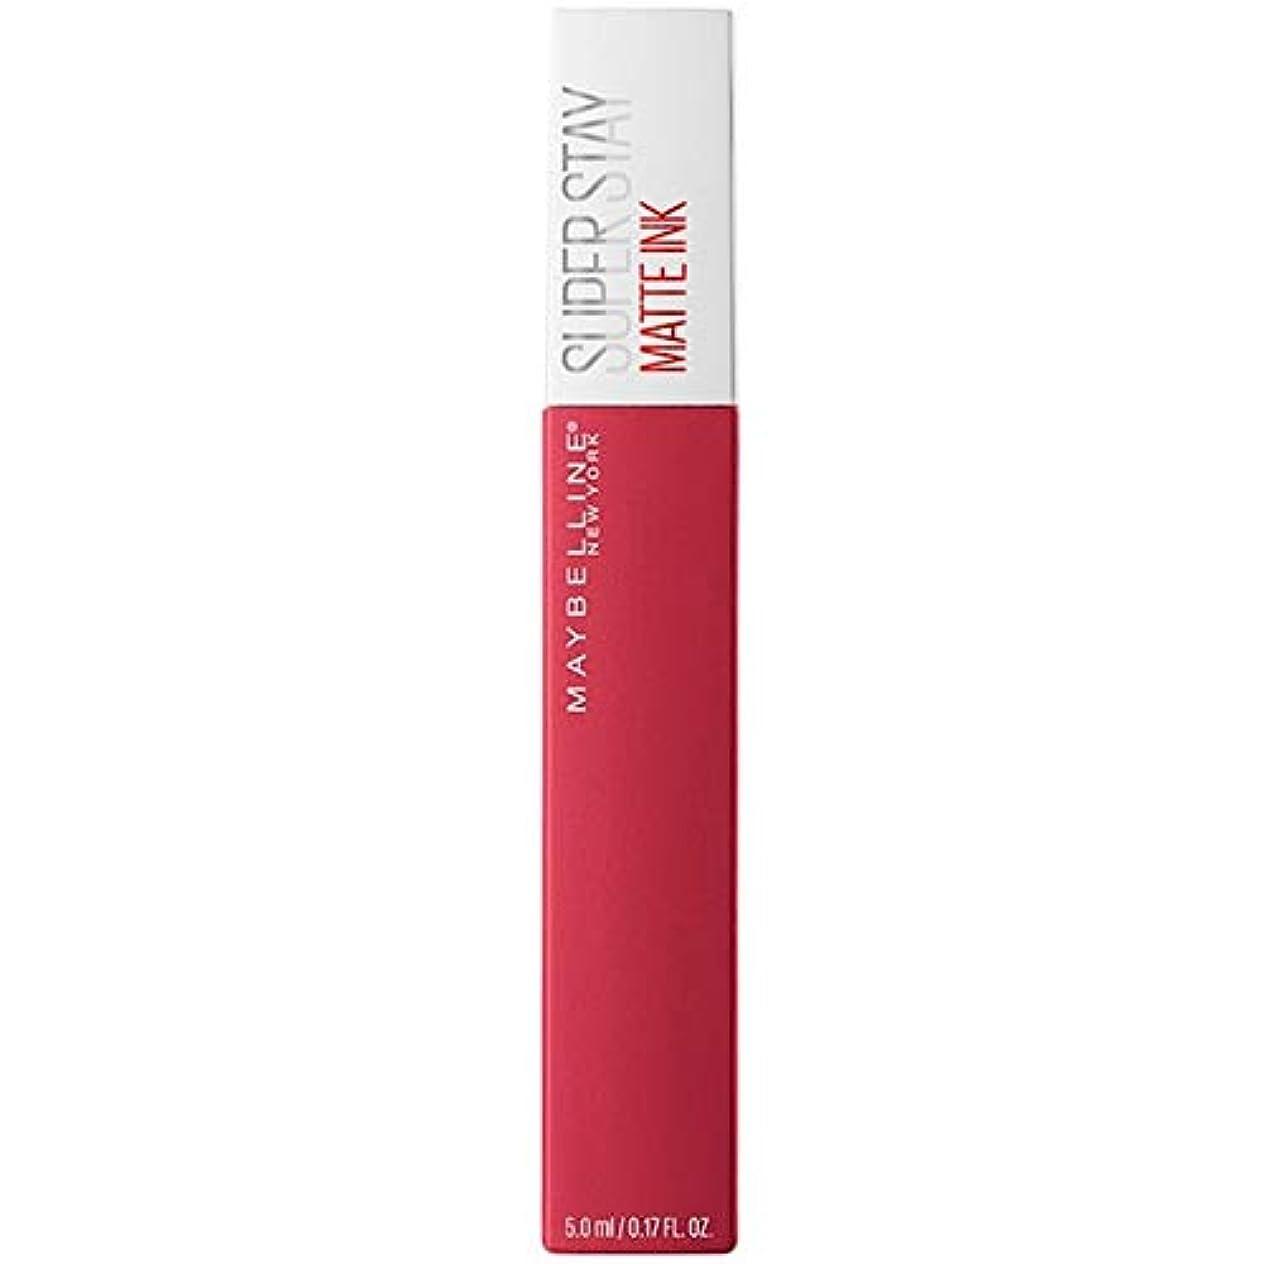 払い戻しバイナリ自分のために[Maybelline ] メイベリンSuperstayマットインク液口紅80定規5ミリリットル - Maybelline Superstay Matte Ink Liquid Lipstick 80 Ruler 5ml [並行輸入品]